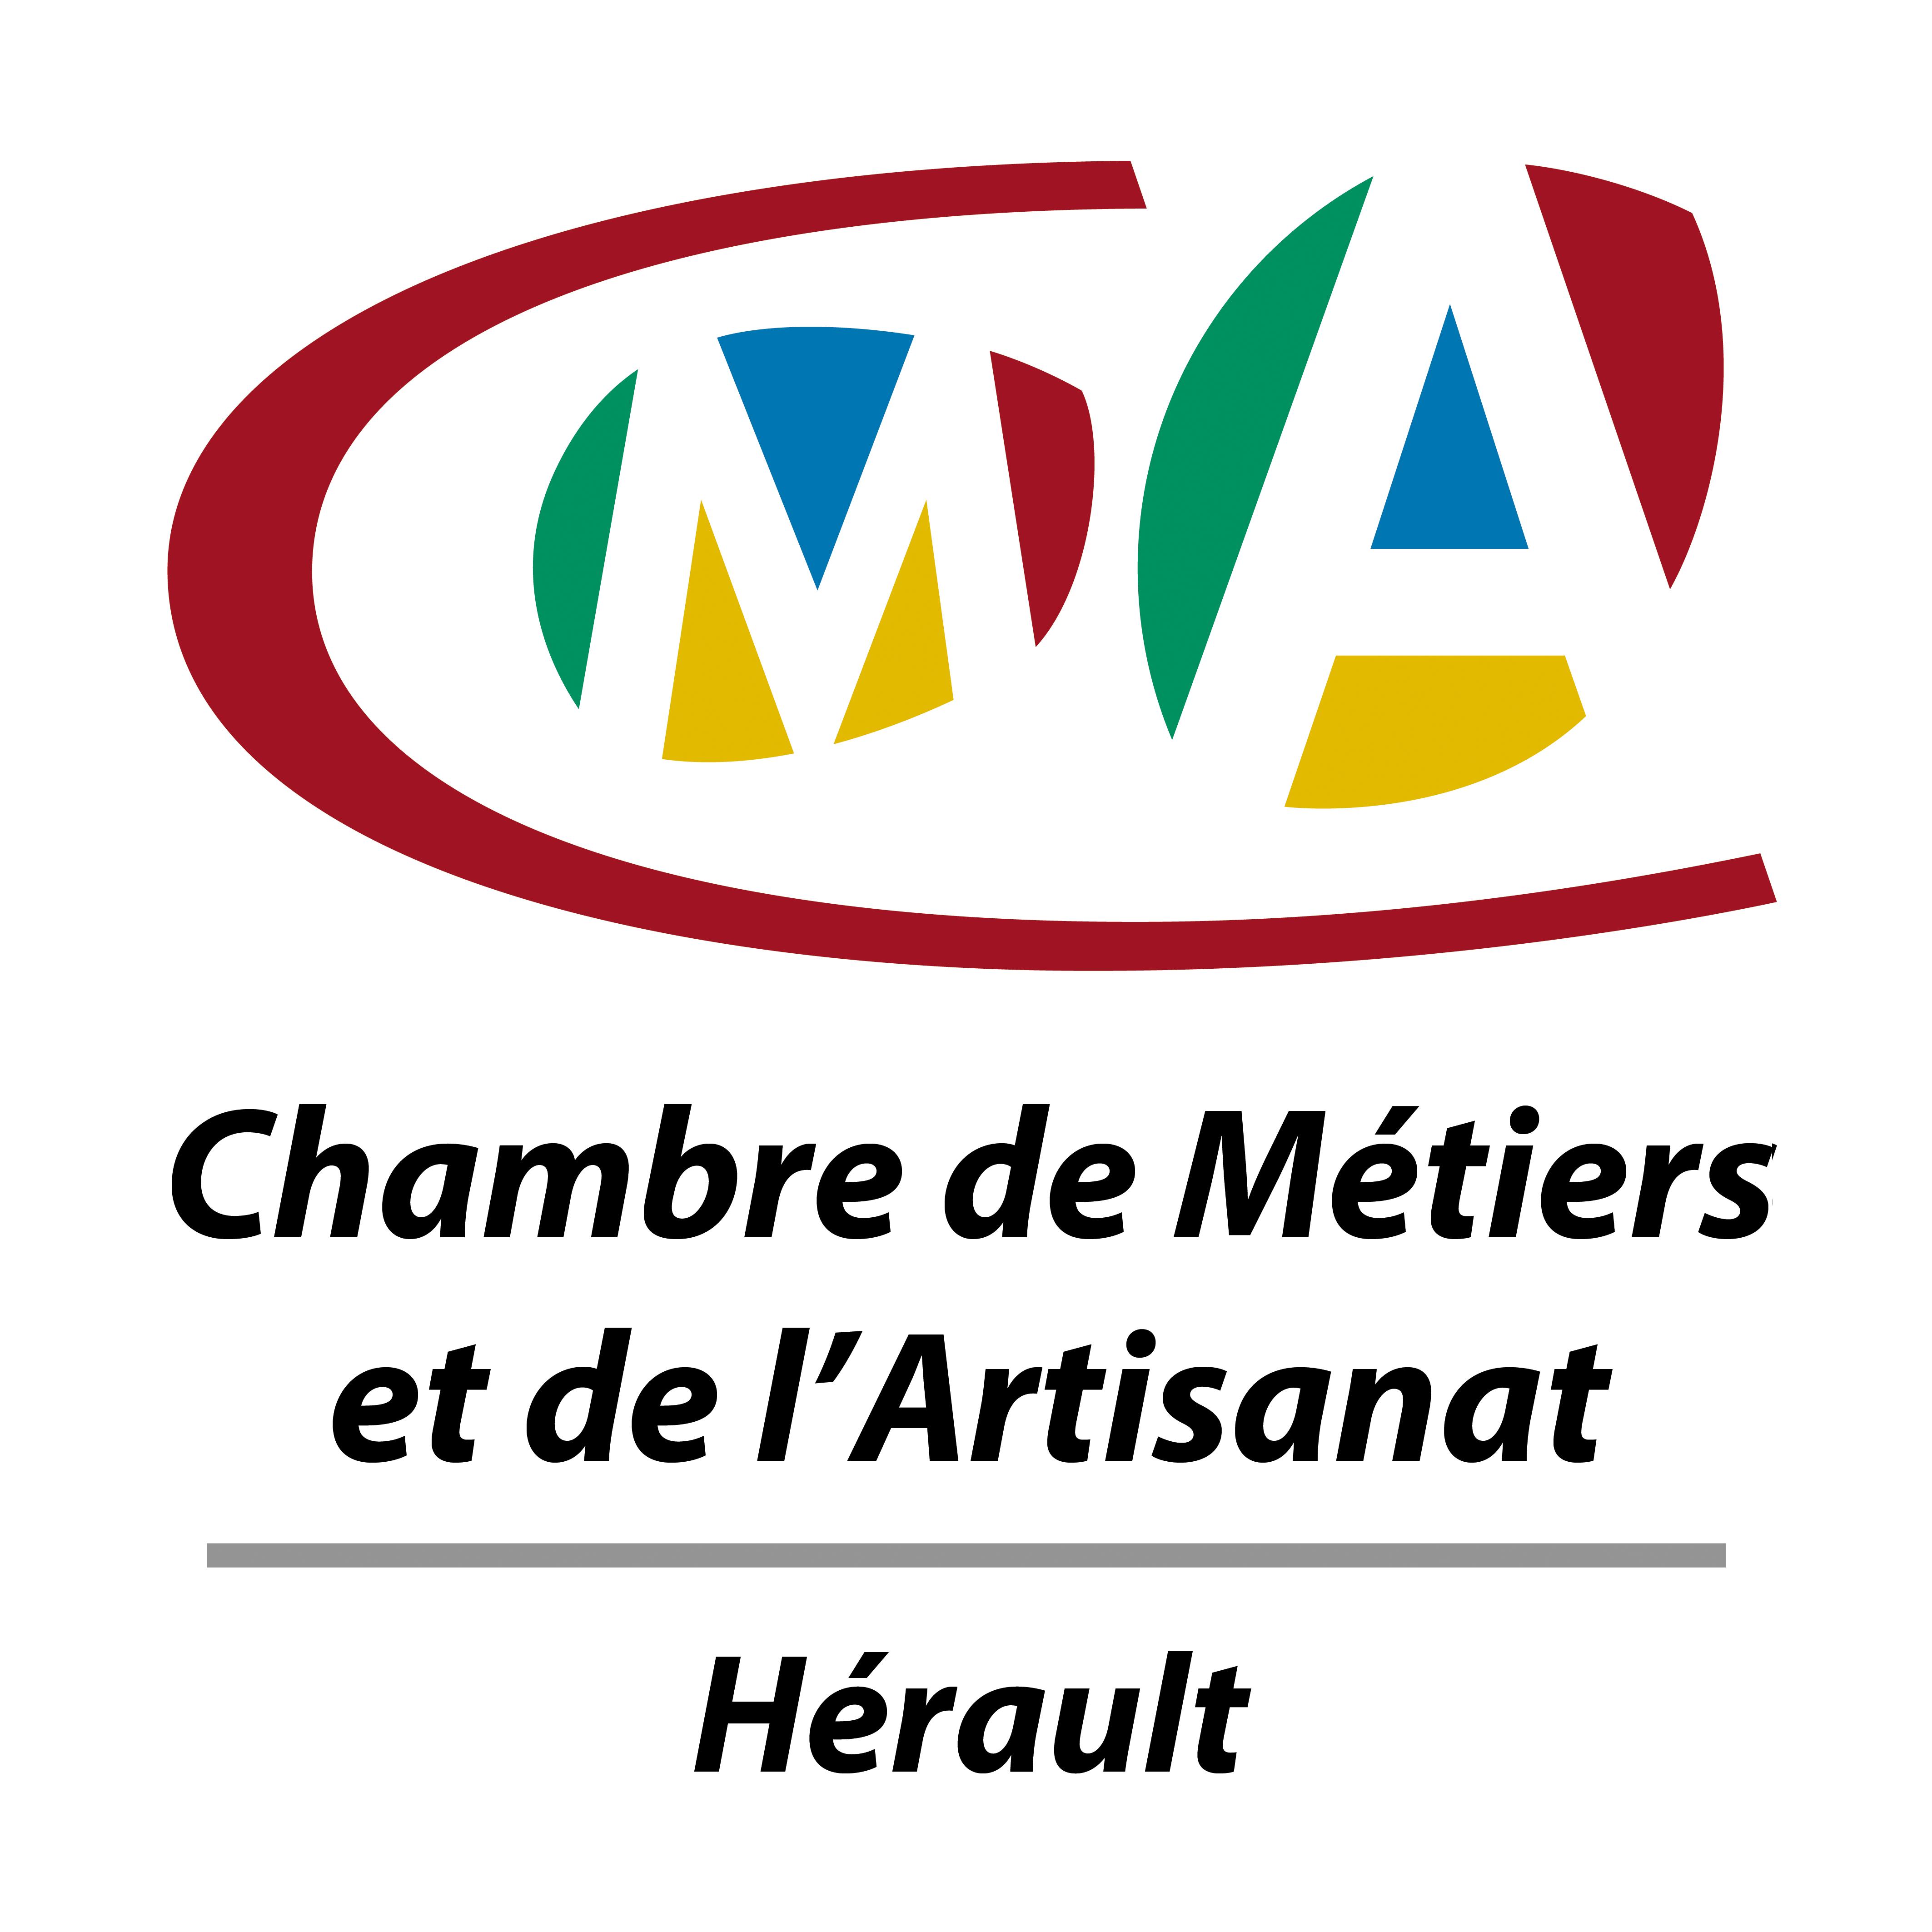 Chambre des Métiers et de l'Artisanat - Montpellier Management